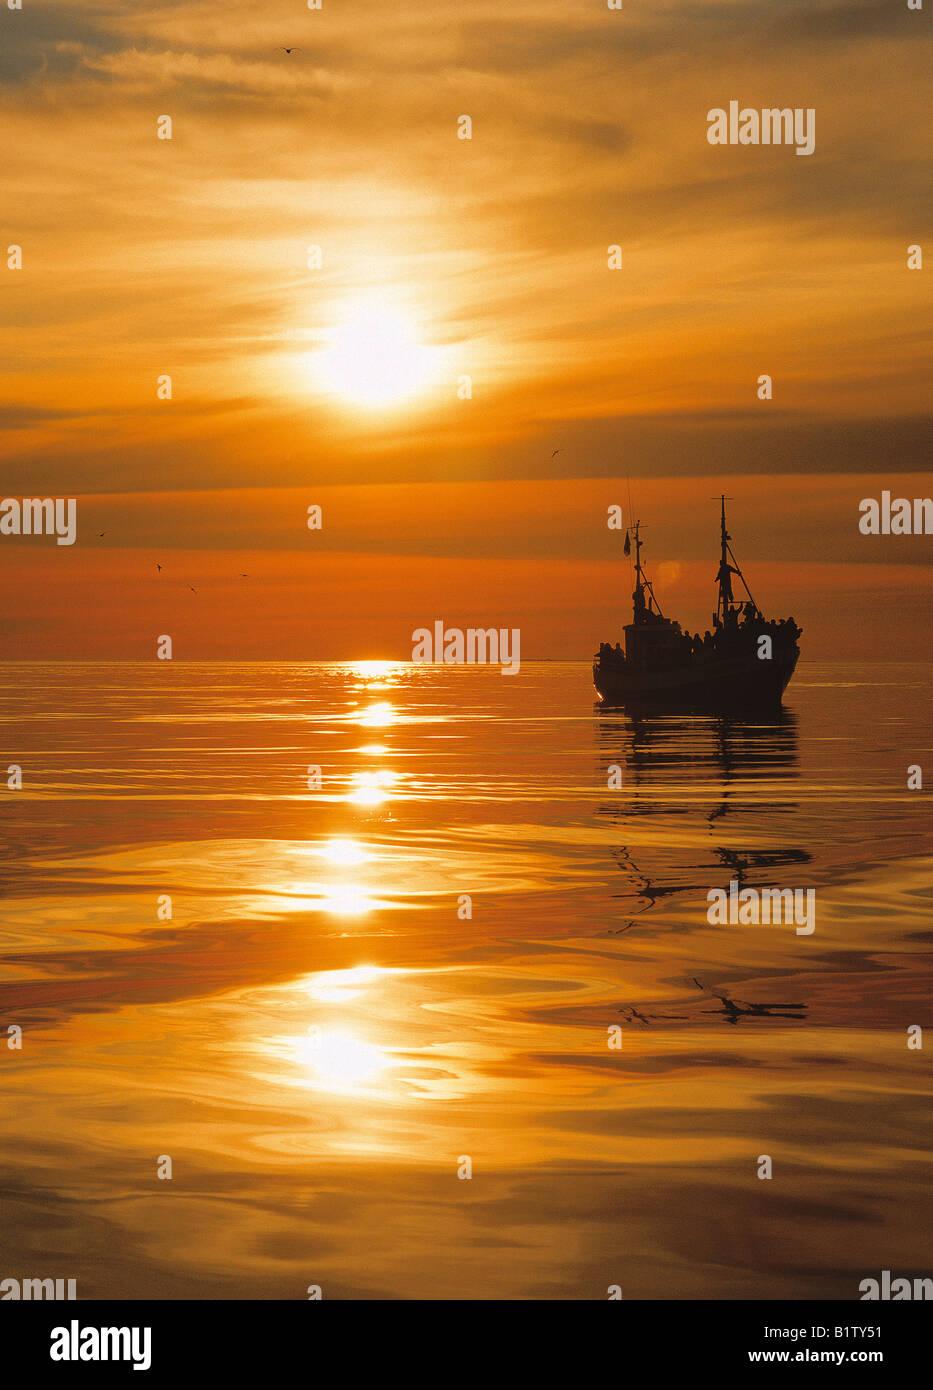 Fishing Trawler at Sunset, Husavik Iceland - Stock Image